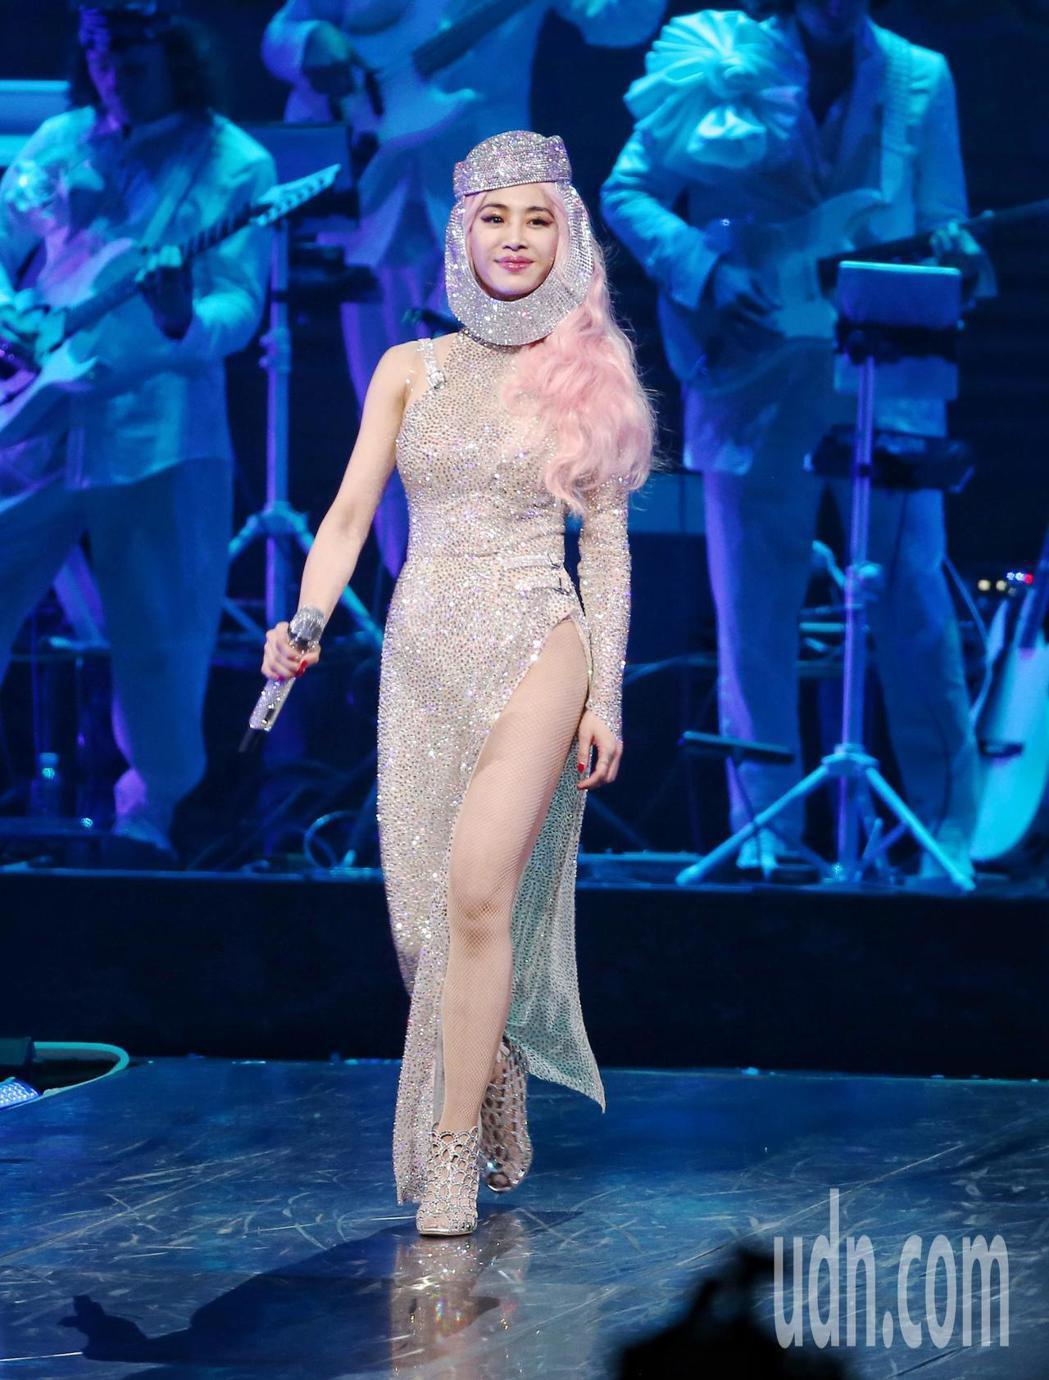 歌手蔡依林(圖)UglyBeauty世界巡迴演唱會於台北小巨蛋開唱,高衩禮服吸引...